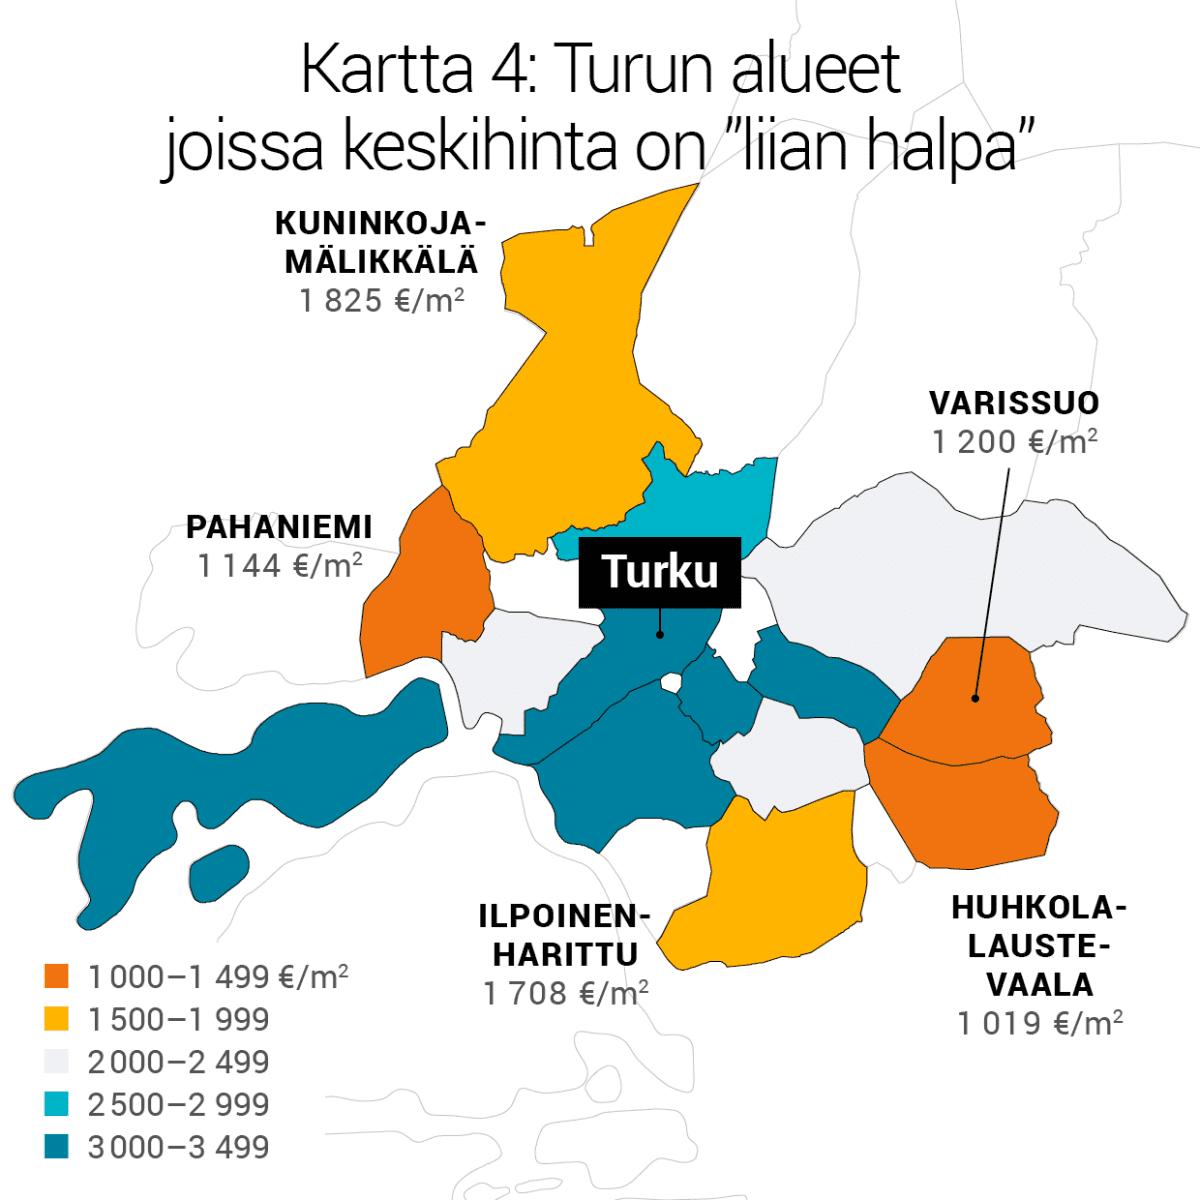 """Kartta 4: Turun alueet joissa keskihinta on """"liian halpa""""."""